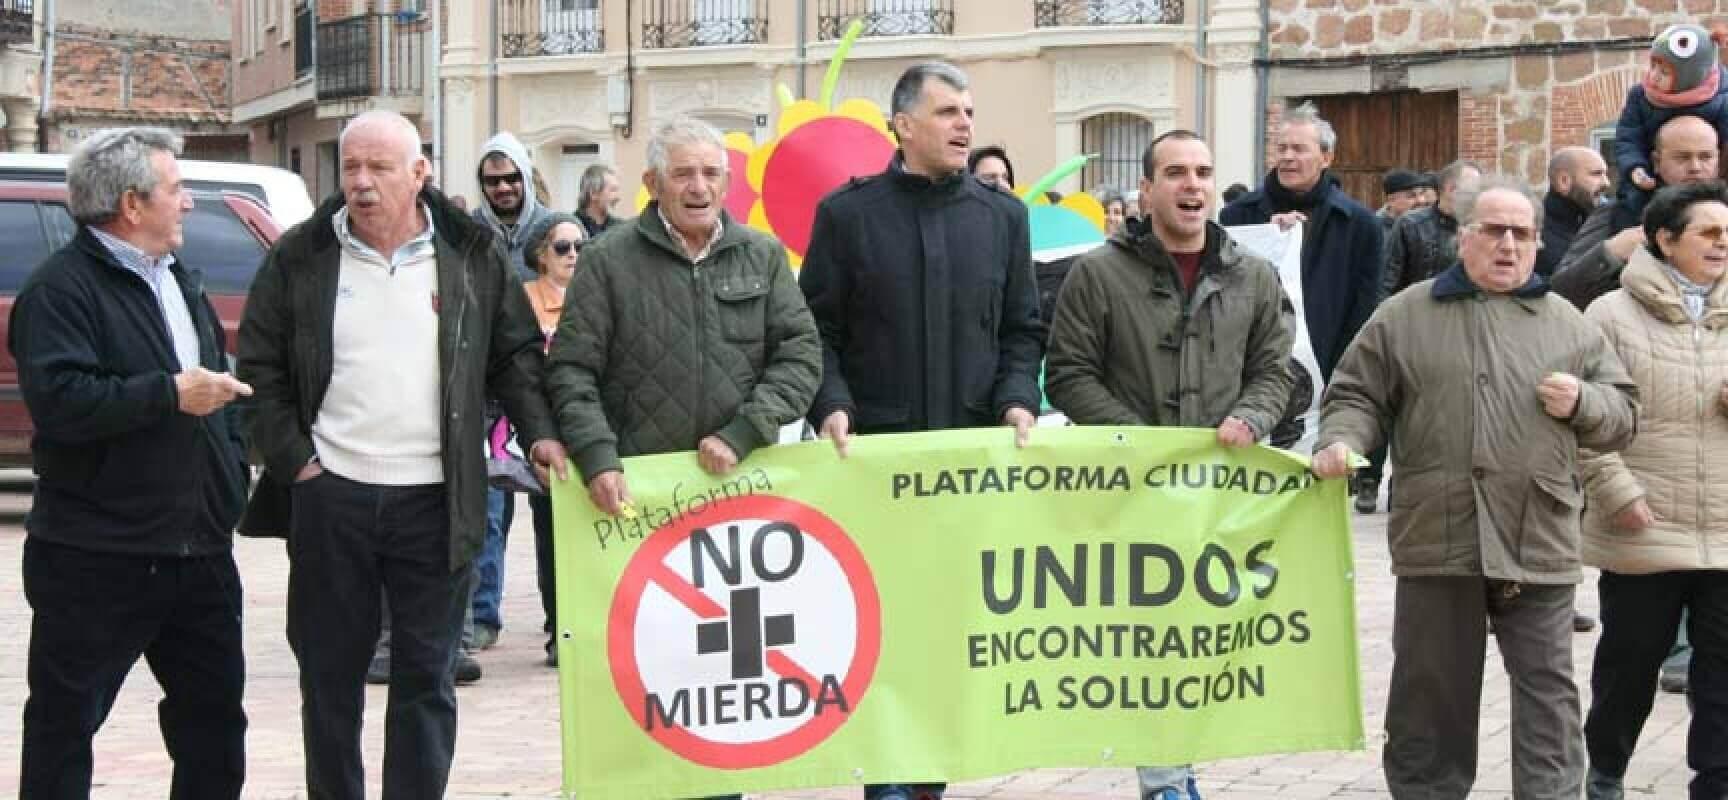 Los vecinos de Navalmanzano, Aguilafuente, Zarzuela y Lastras se movilizan contra los olores de la planta de Agraman